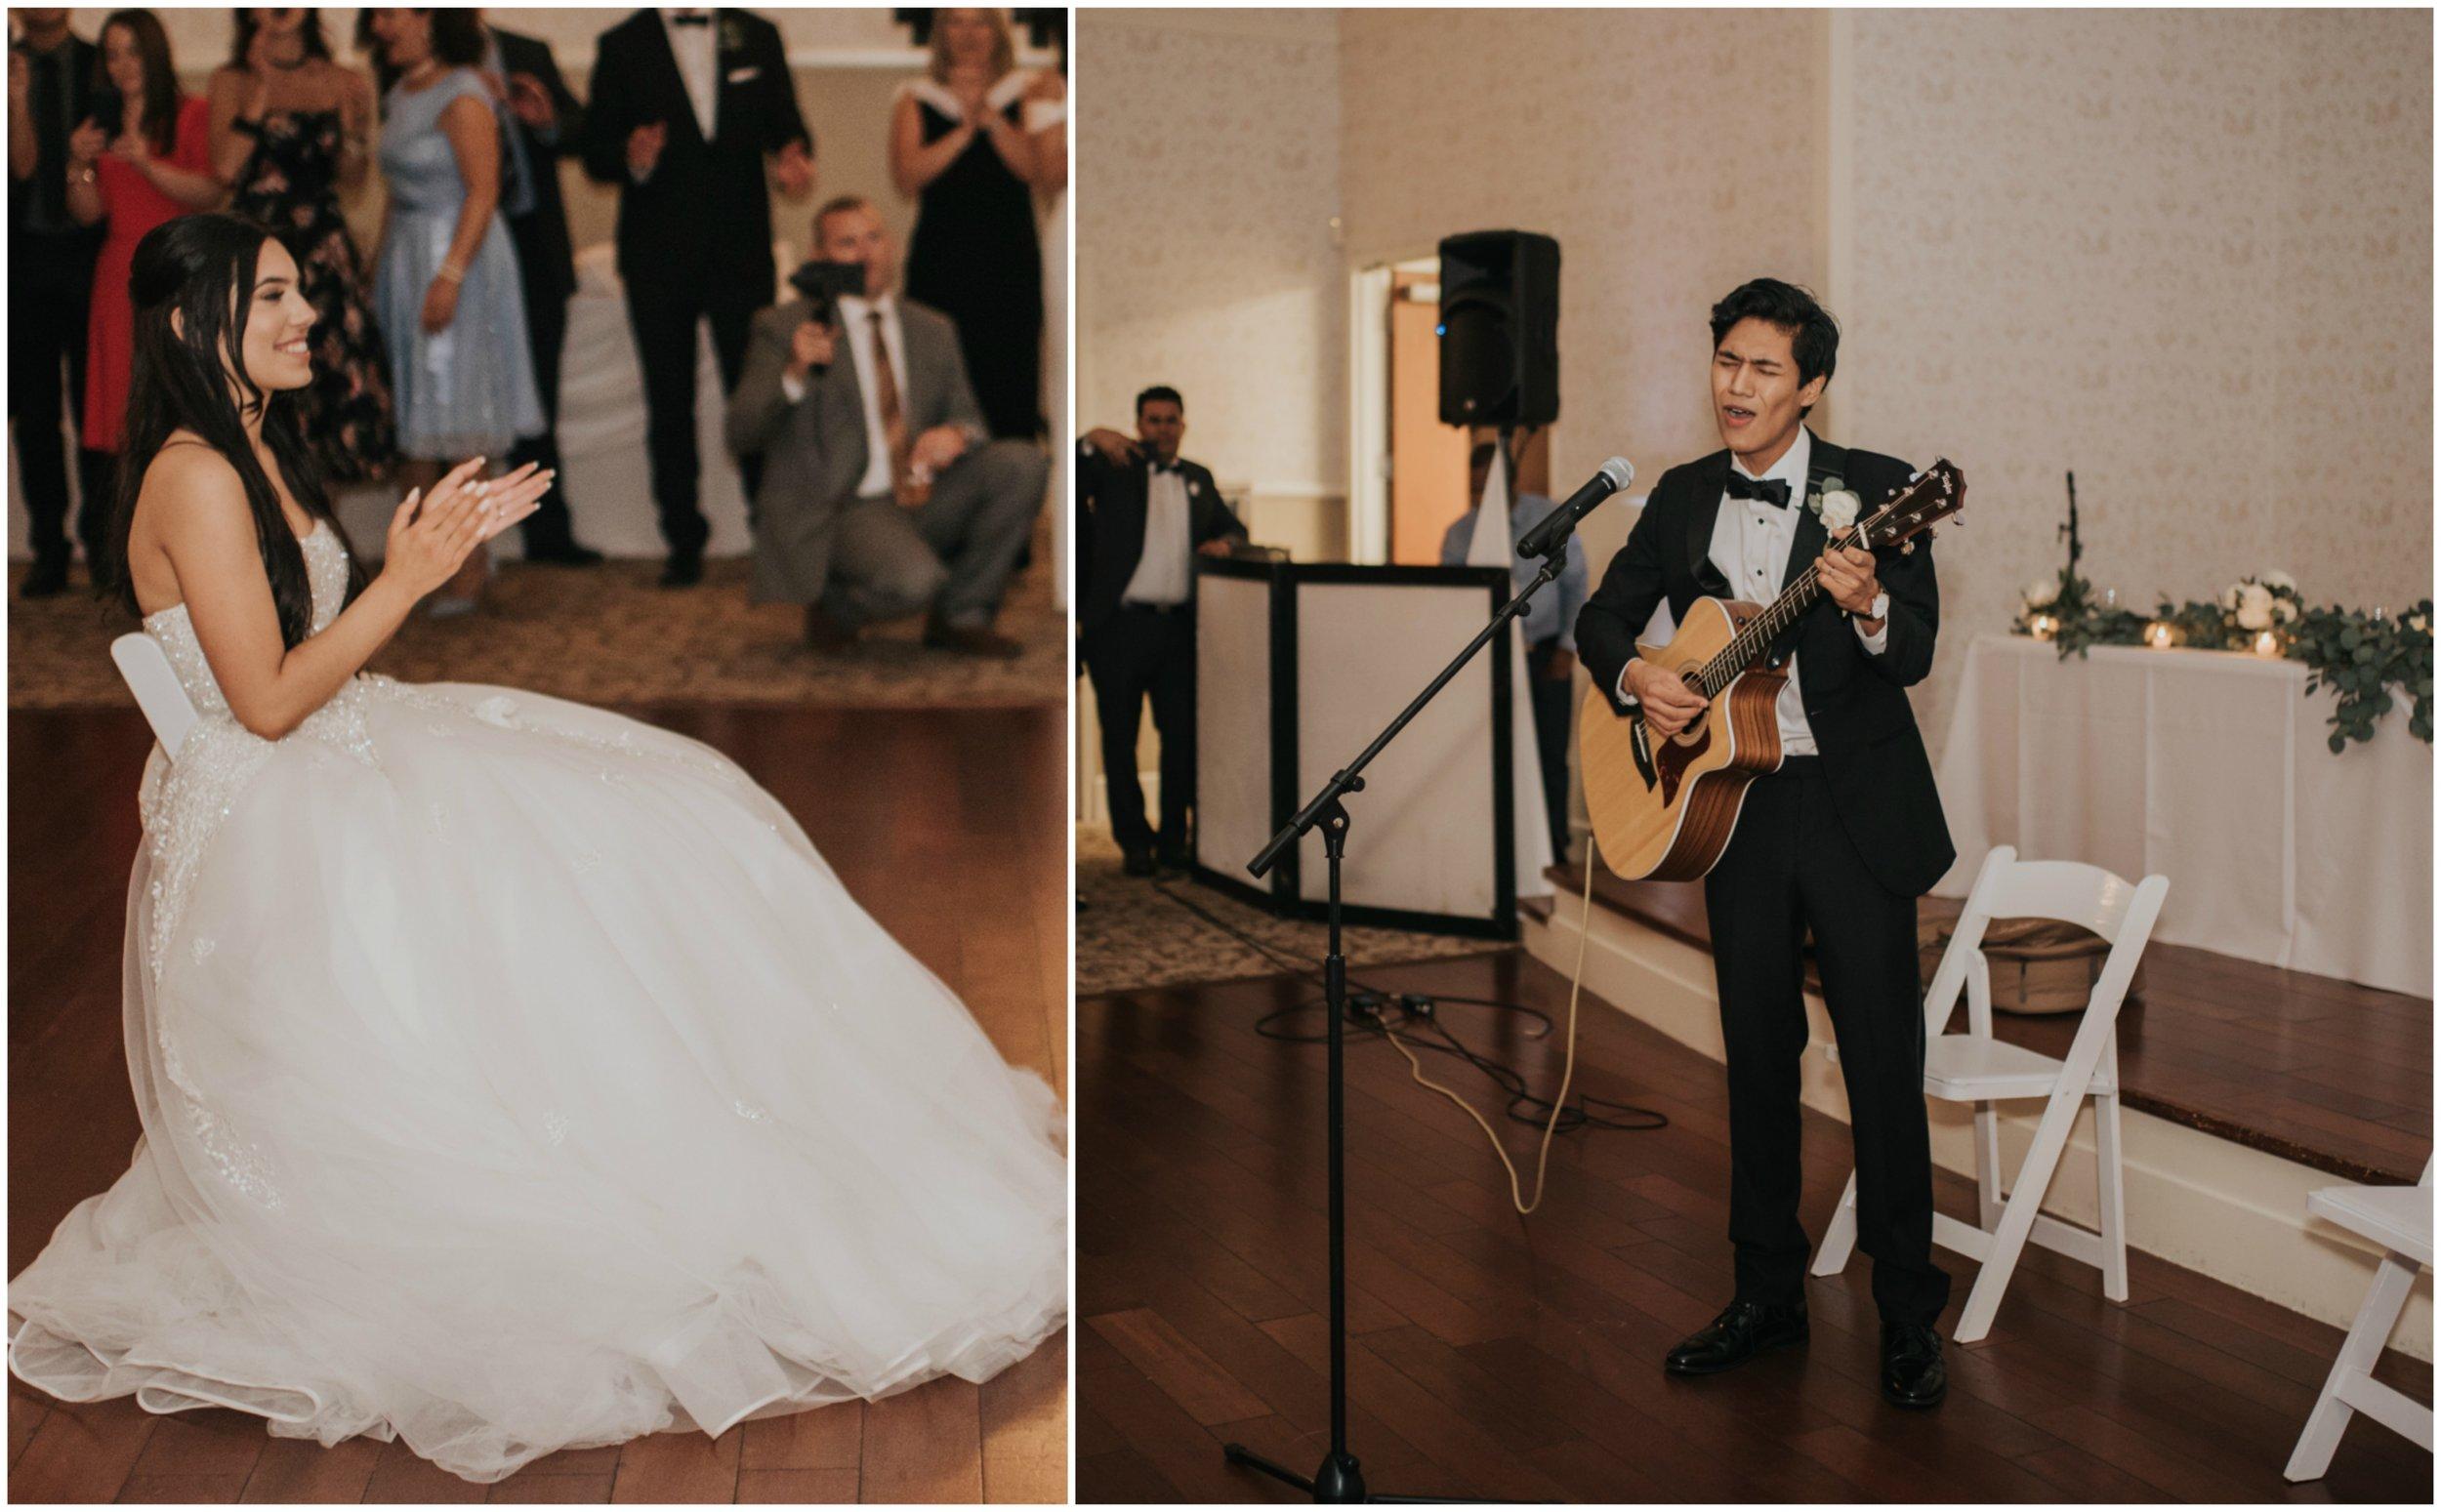 taylor-miguel-wedding-lake-mary-groom-singing.jpg